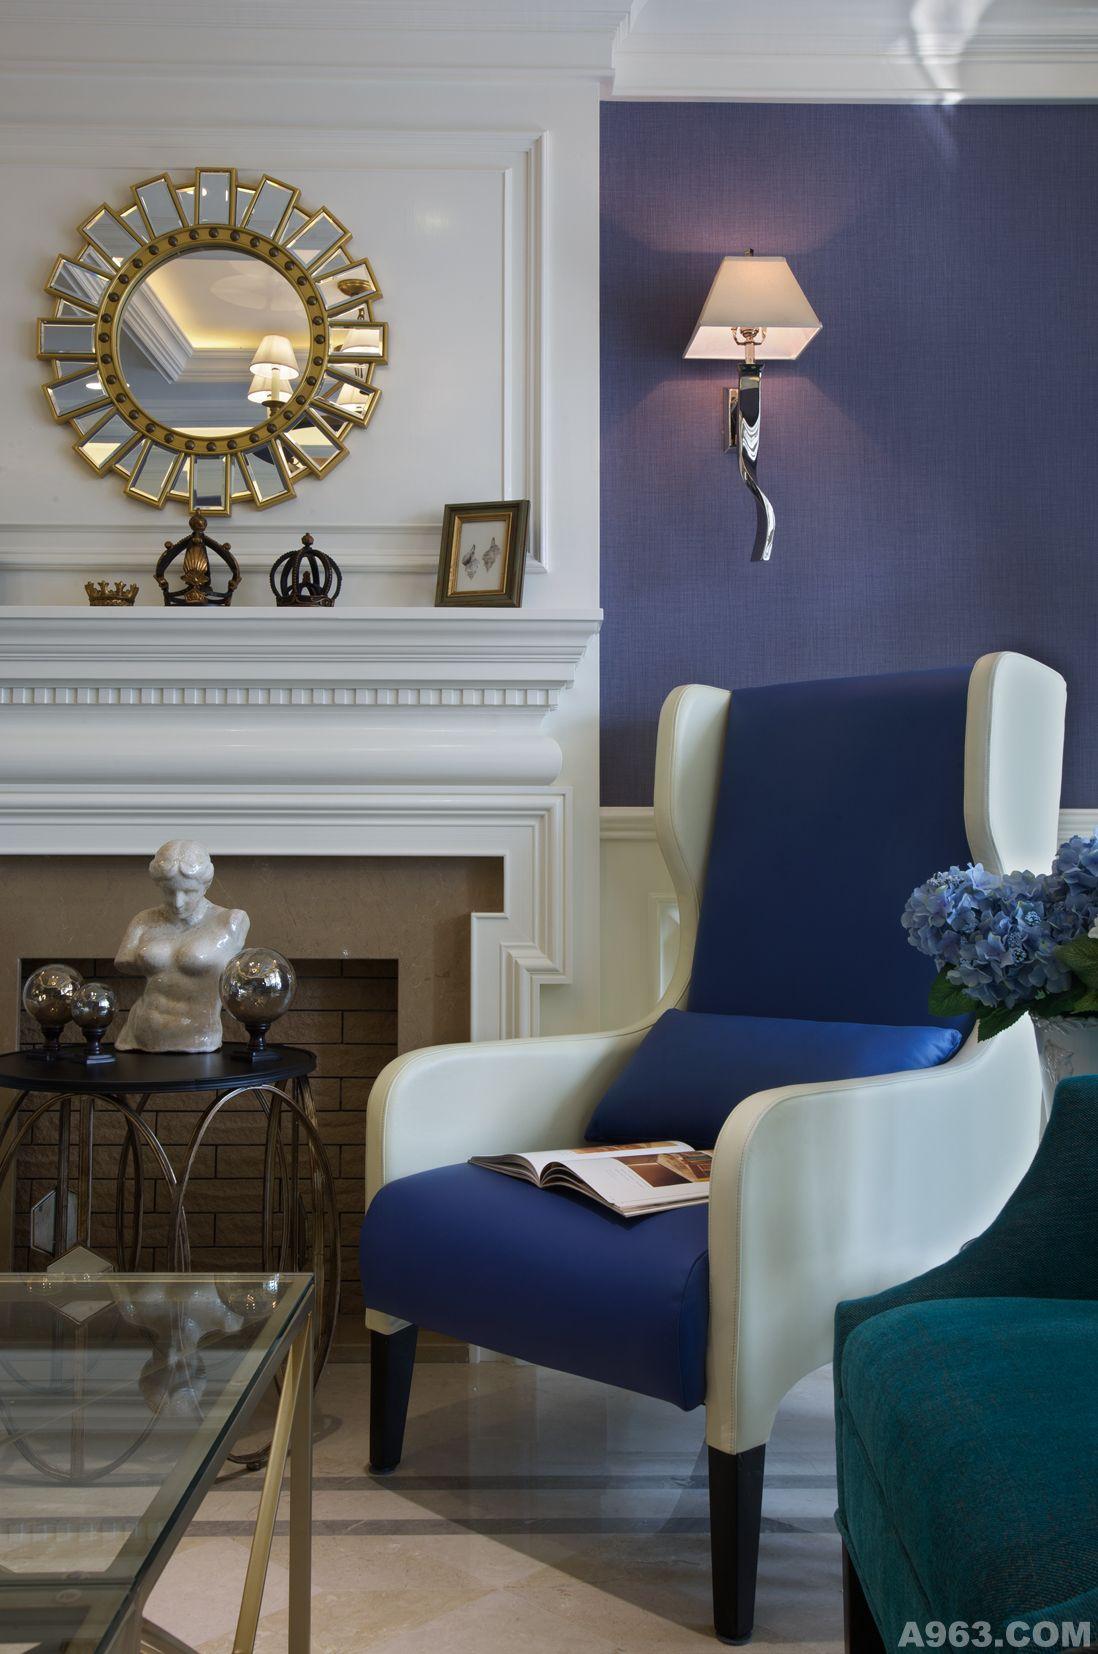 蓝调的优雅 - 公寓设计 - 第7页 - 葛晓彪设计作品案例